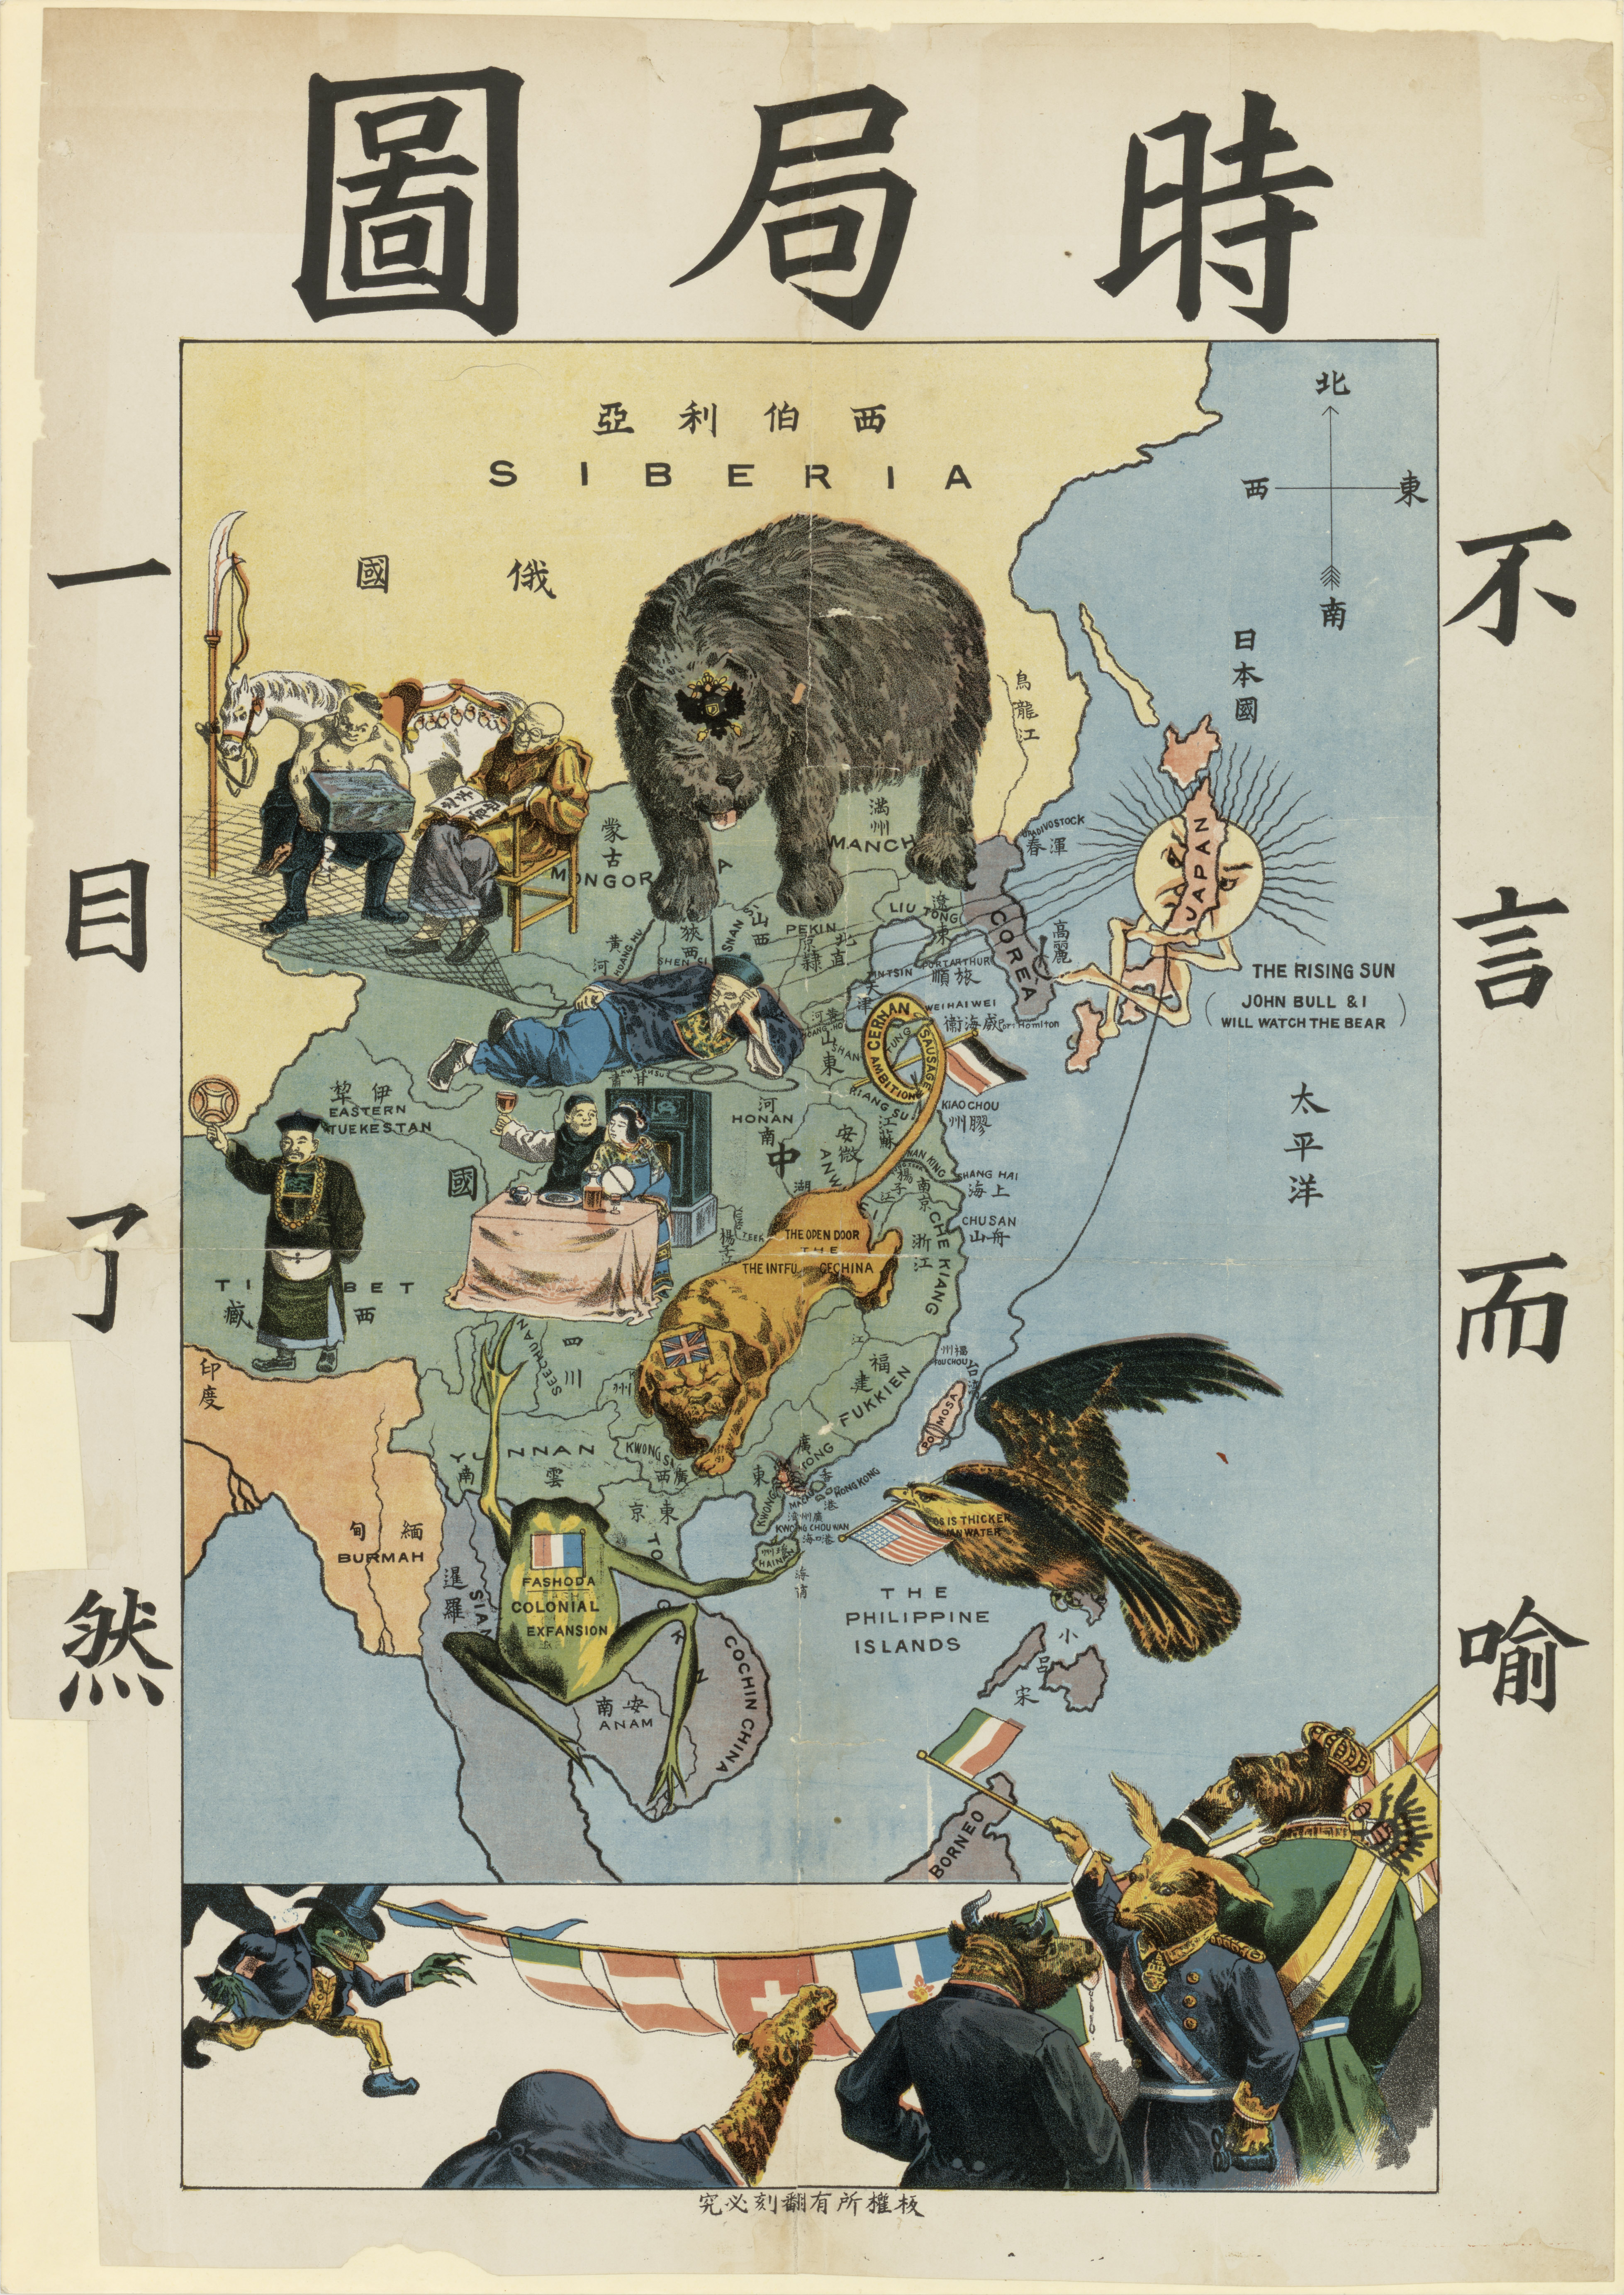 「義和団の乱」って何? ~ たった120年前の世界 「白」と「黄」、そして「基」と「仏」